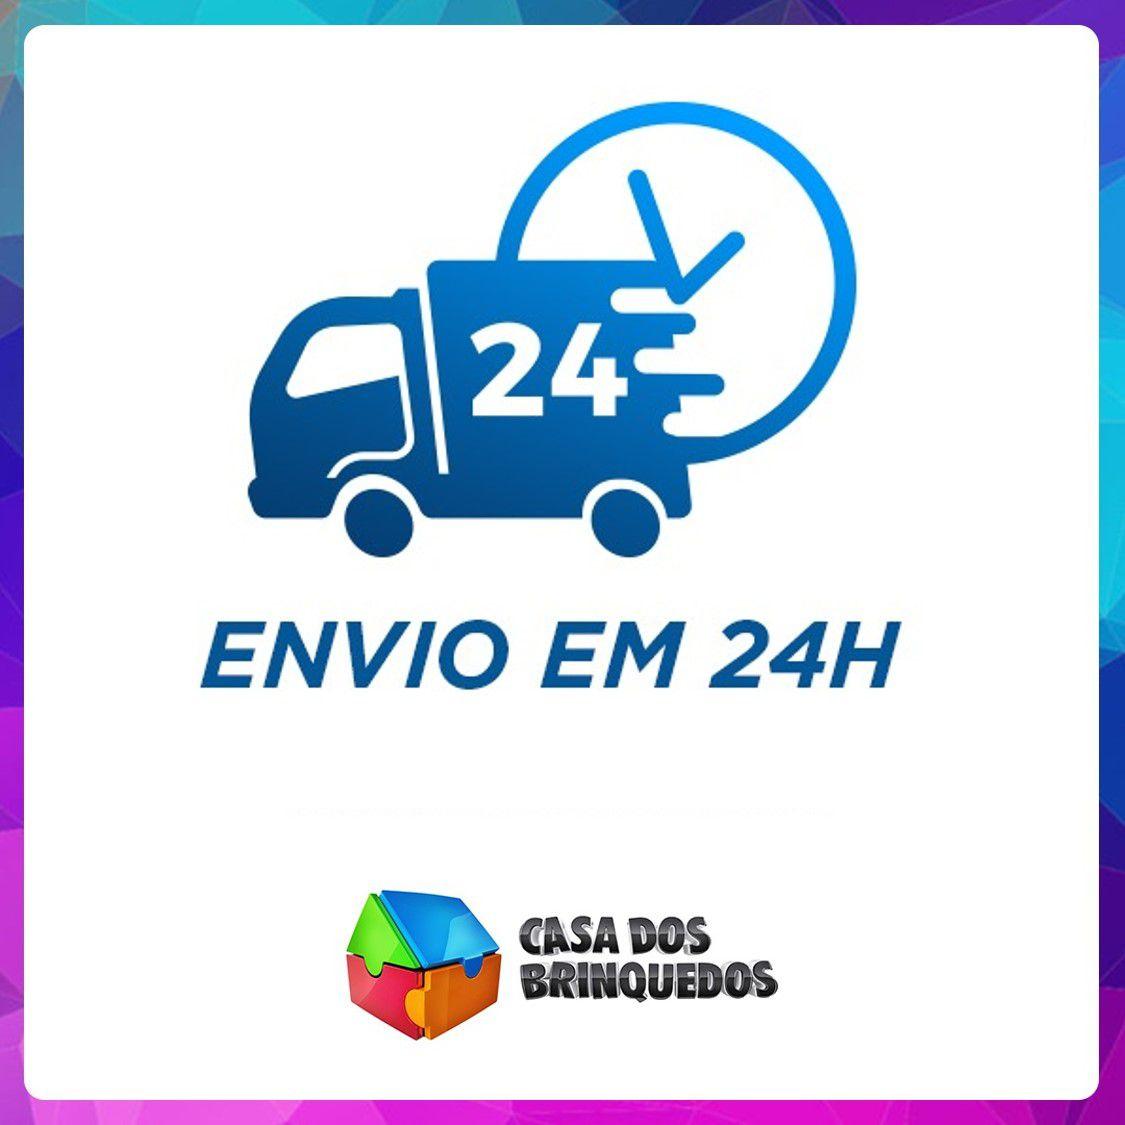 APAGADOR DE EVA + 2 PINCEL MARCADOR LOUSA 0321 CORTI ARTE